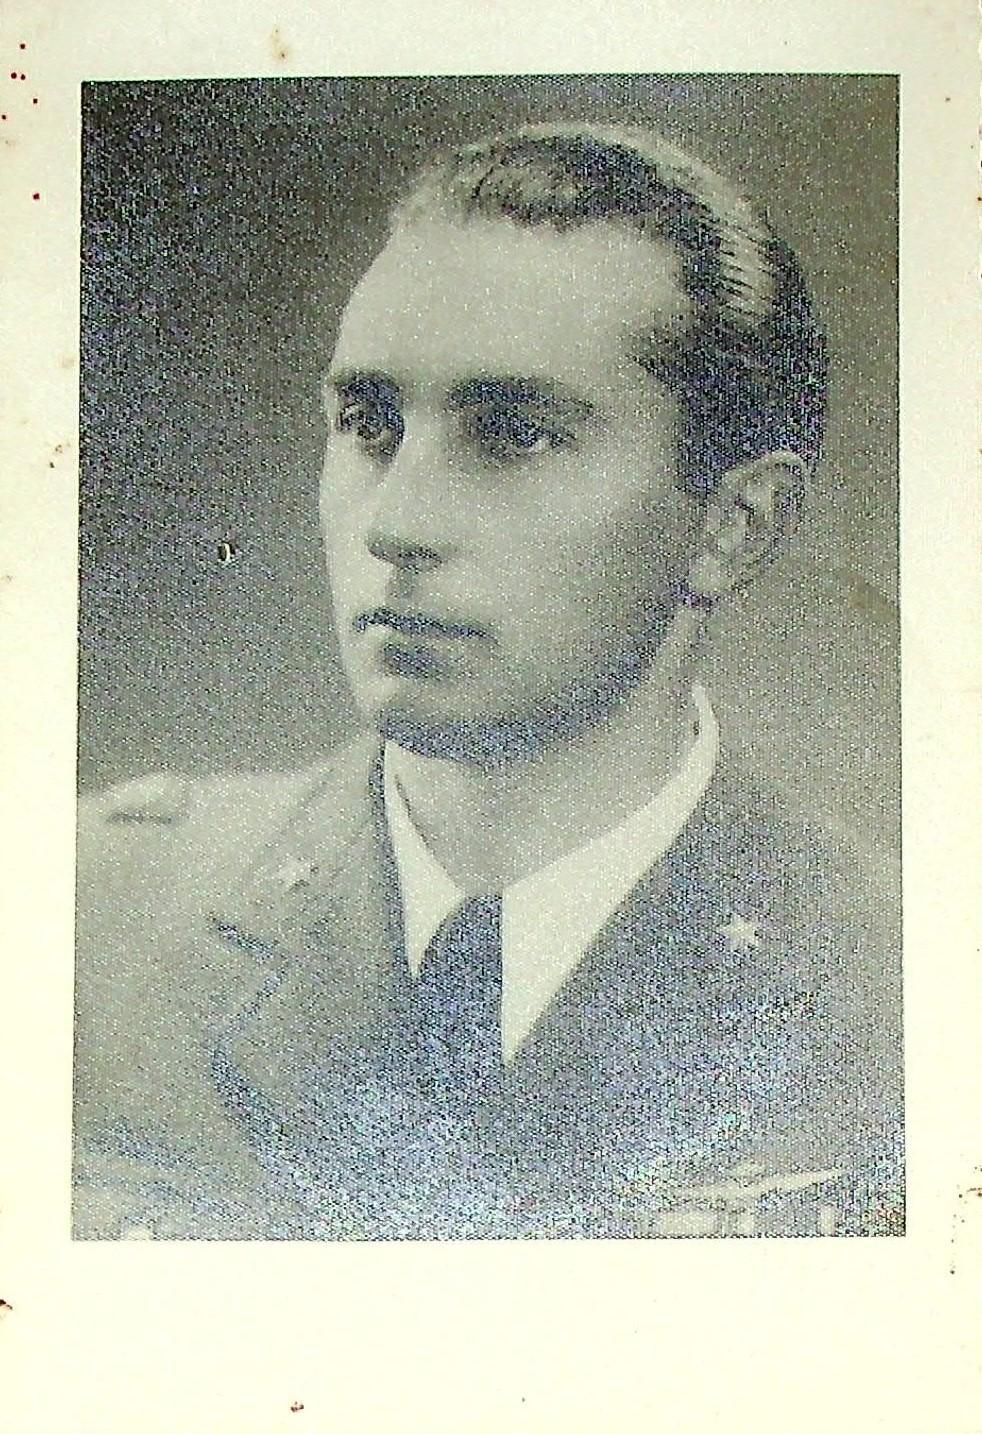 Foto ricordo del pilota Ugo Zannier